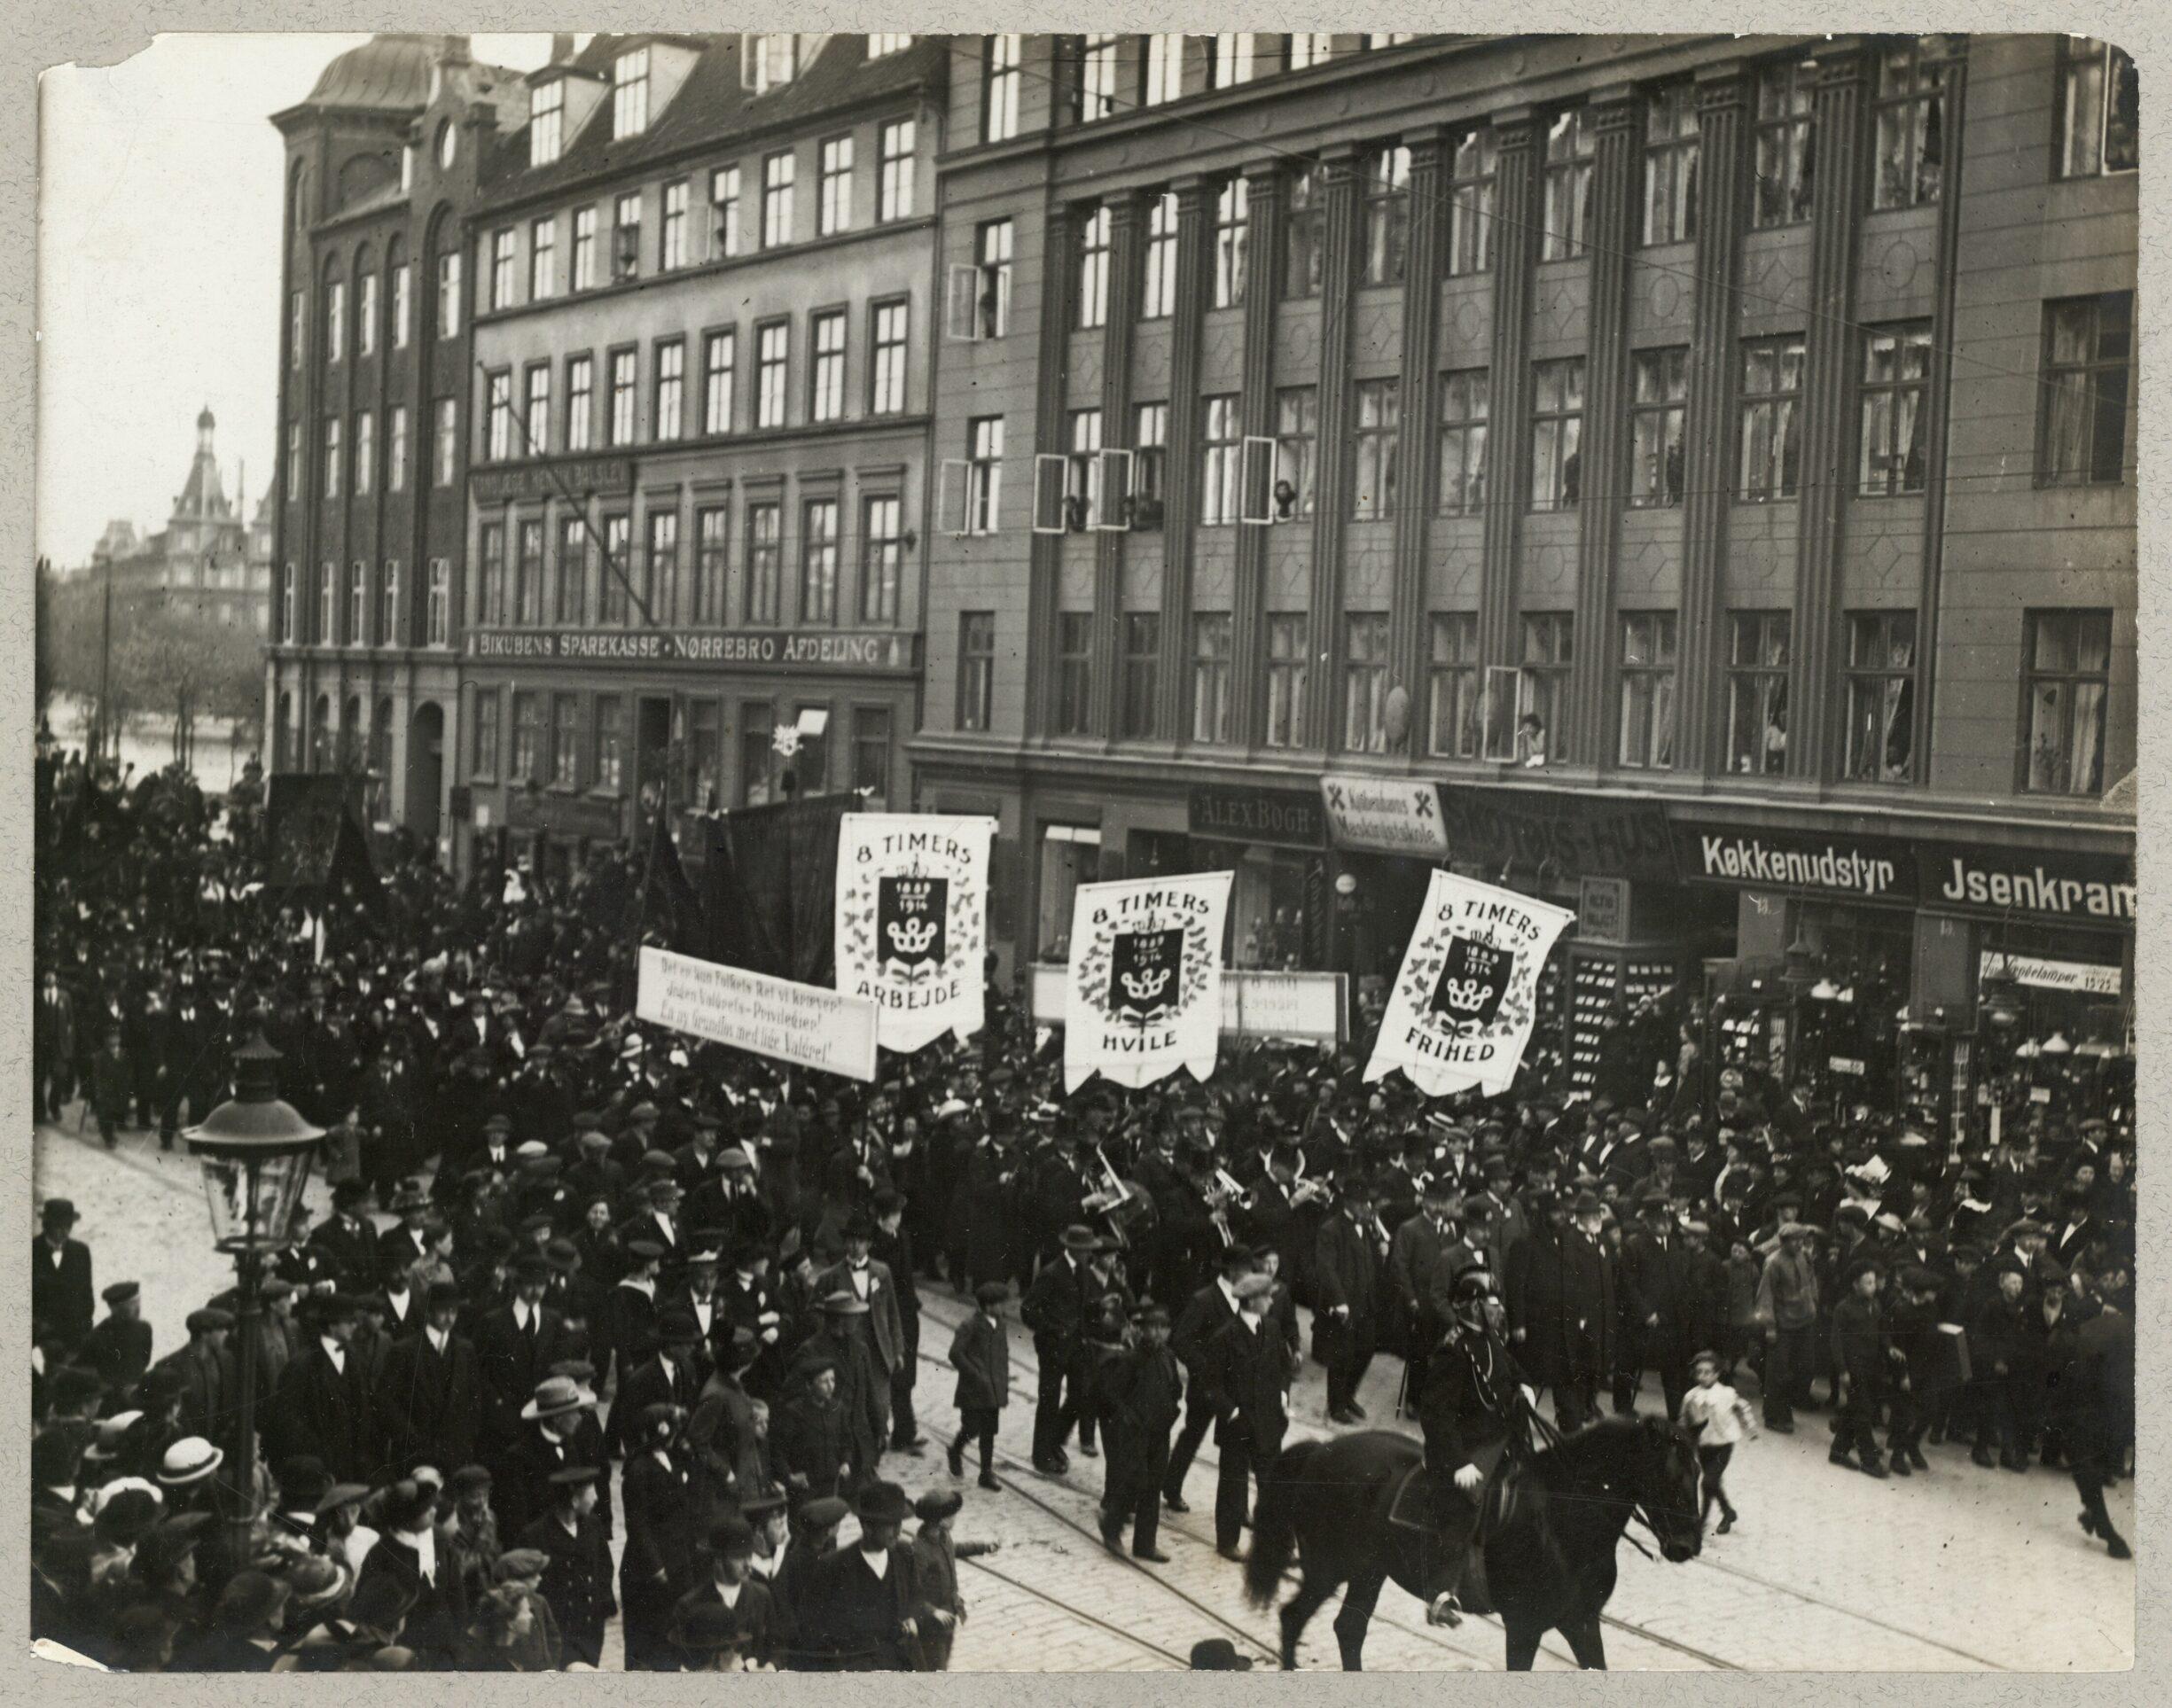 1. Maj 1914 på Nørrebrogade i København. Foto: Taget af Nowico (1933-1966) dansk luftfotofirma. (CC BY-NC-ND 4.0).